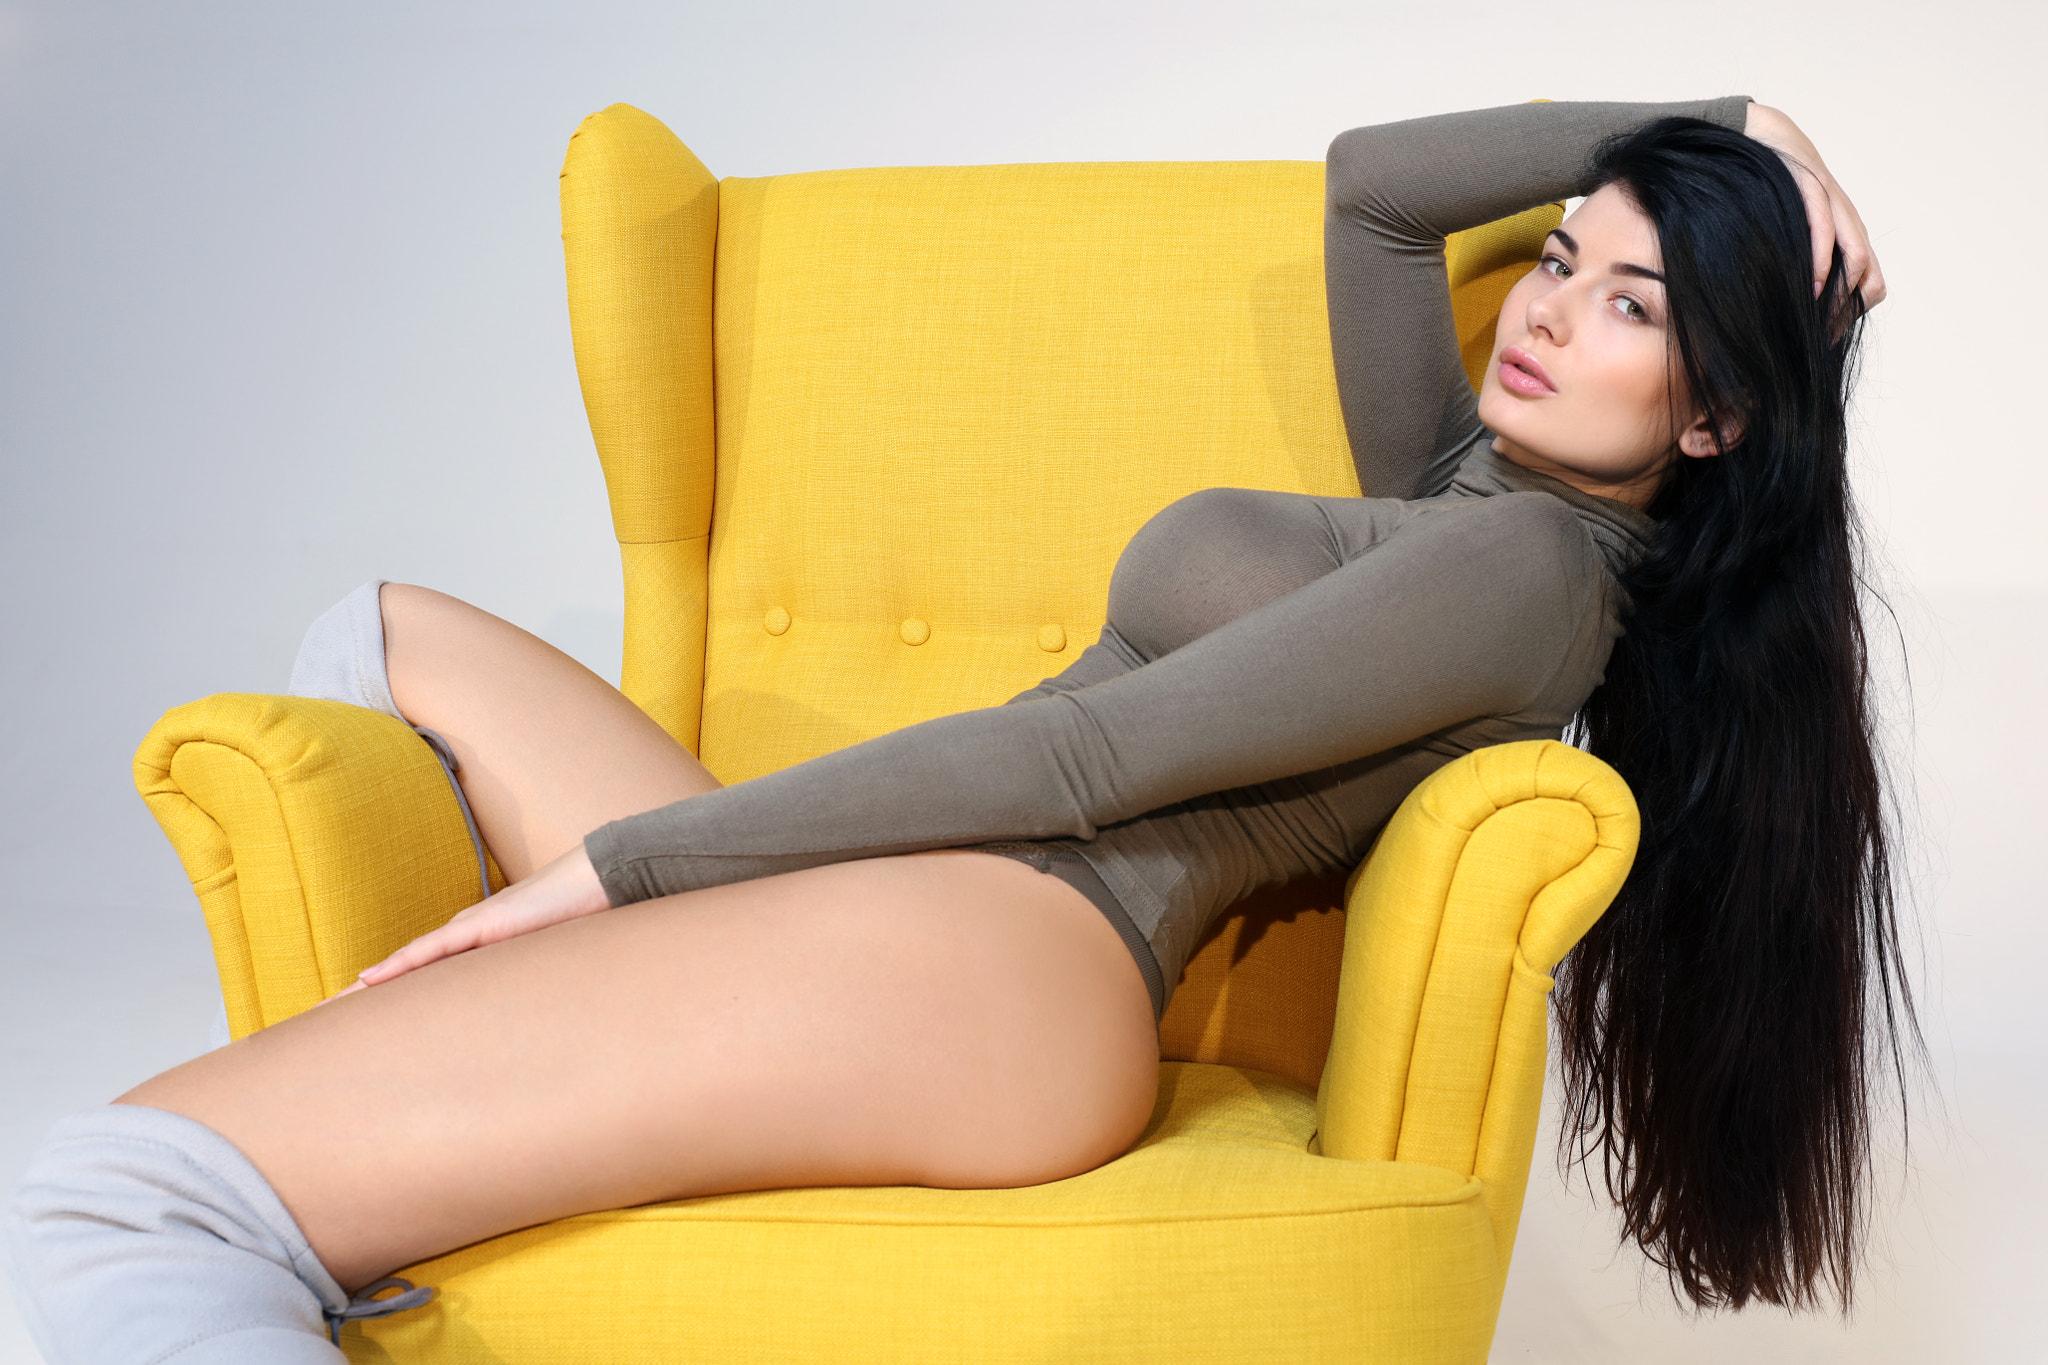 Раздвинула ноги в кресле, У гинеколога раздвинула ноги и кончила пару раз 17 фотография